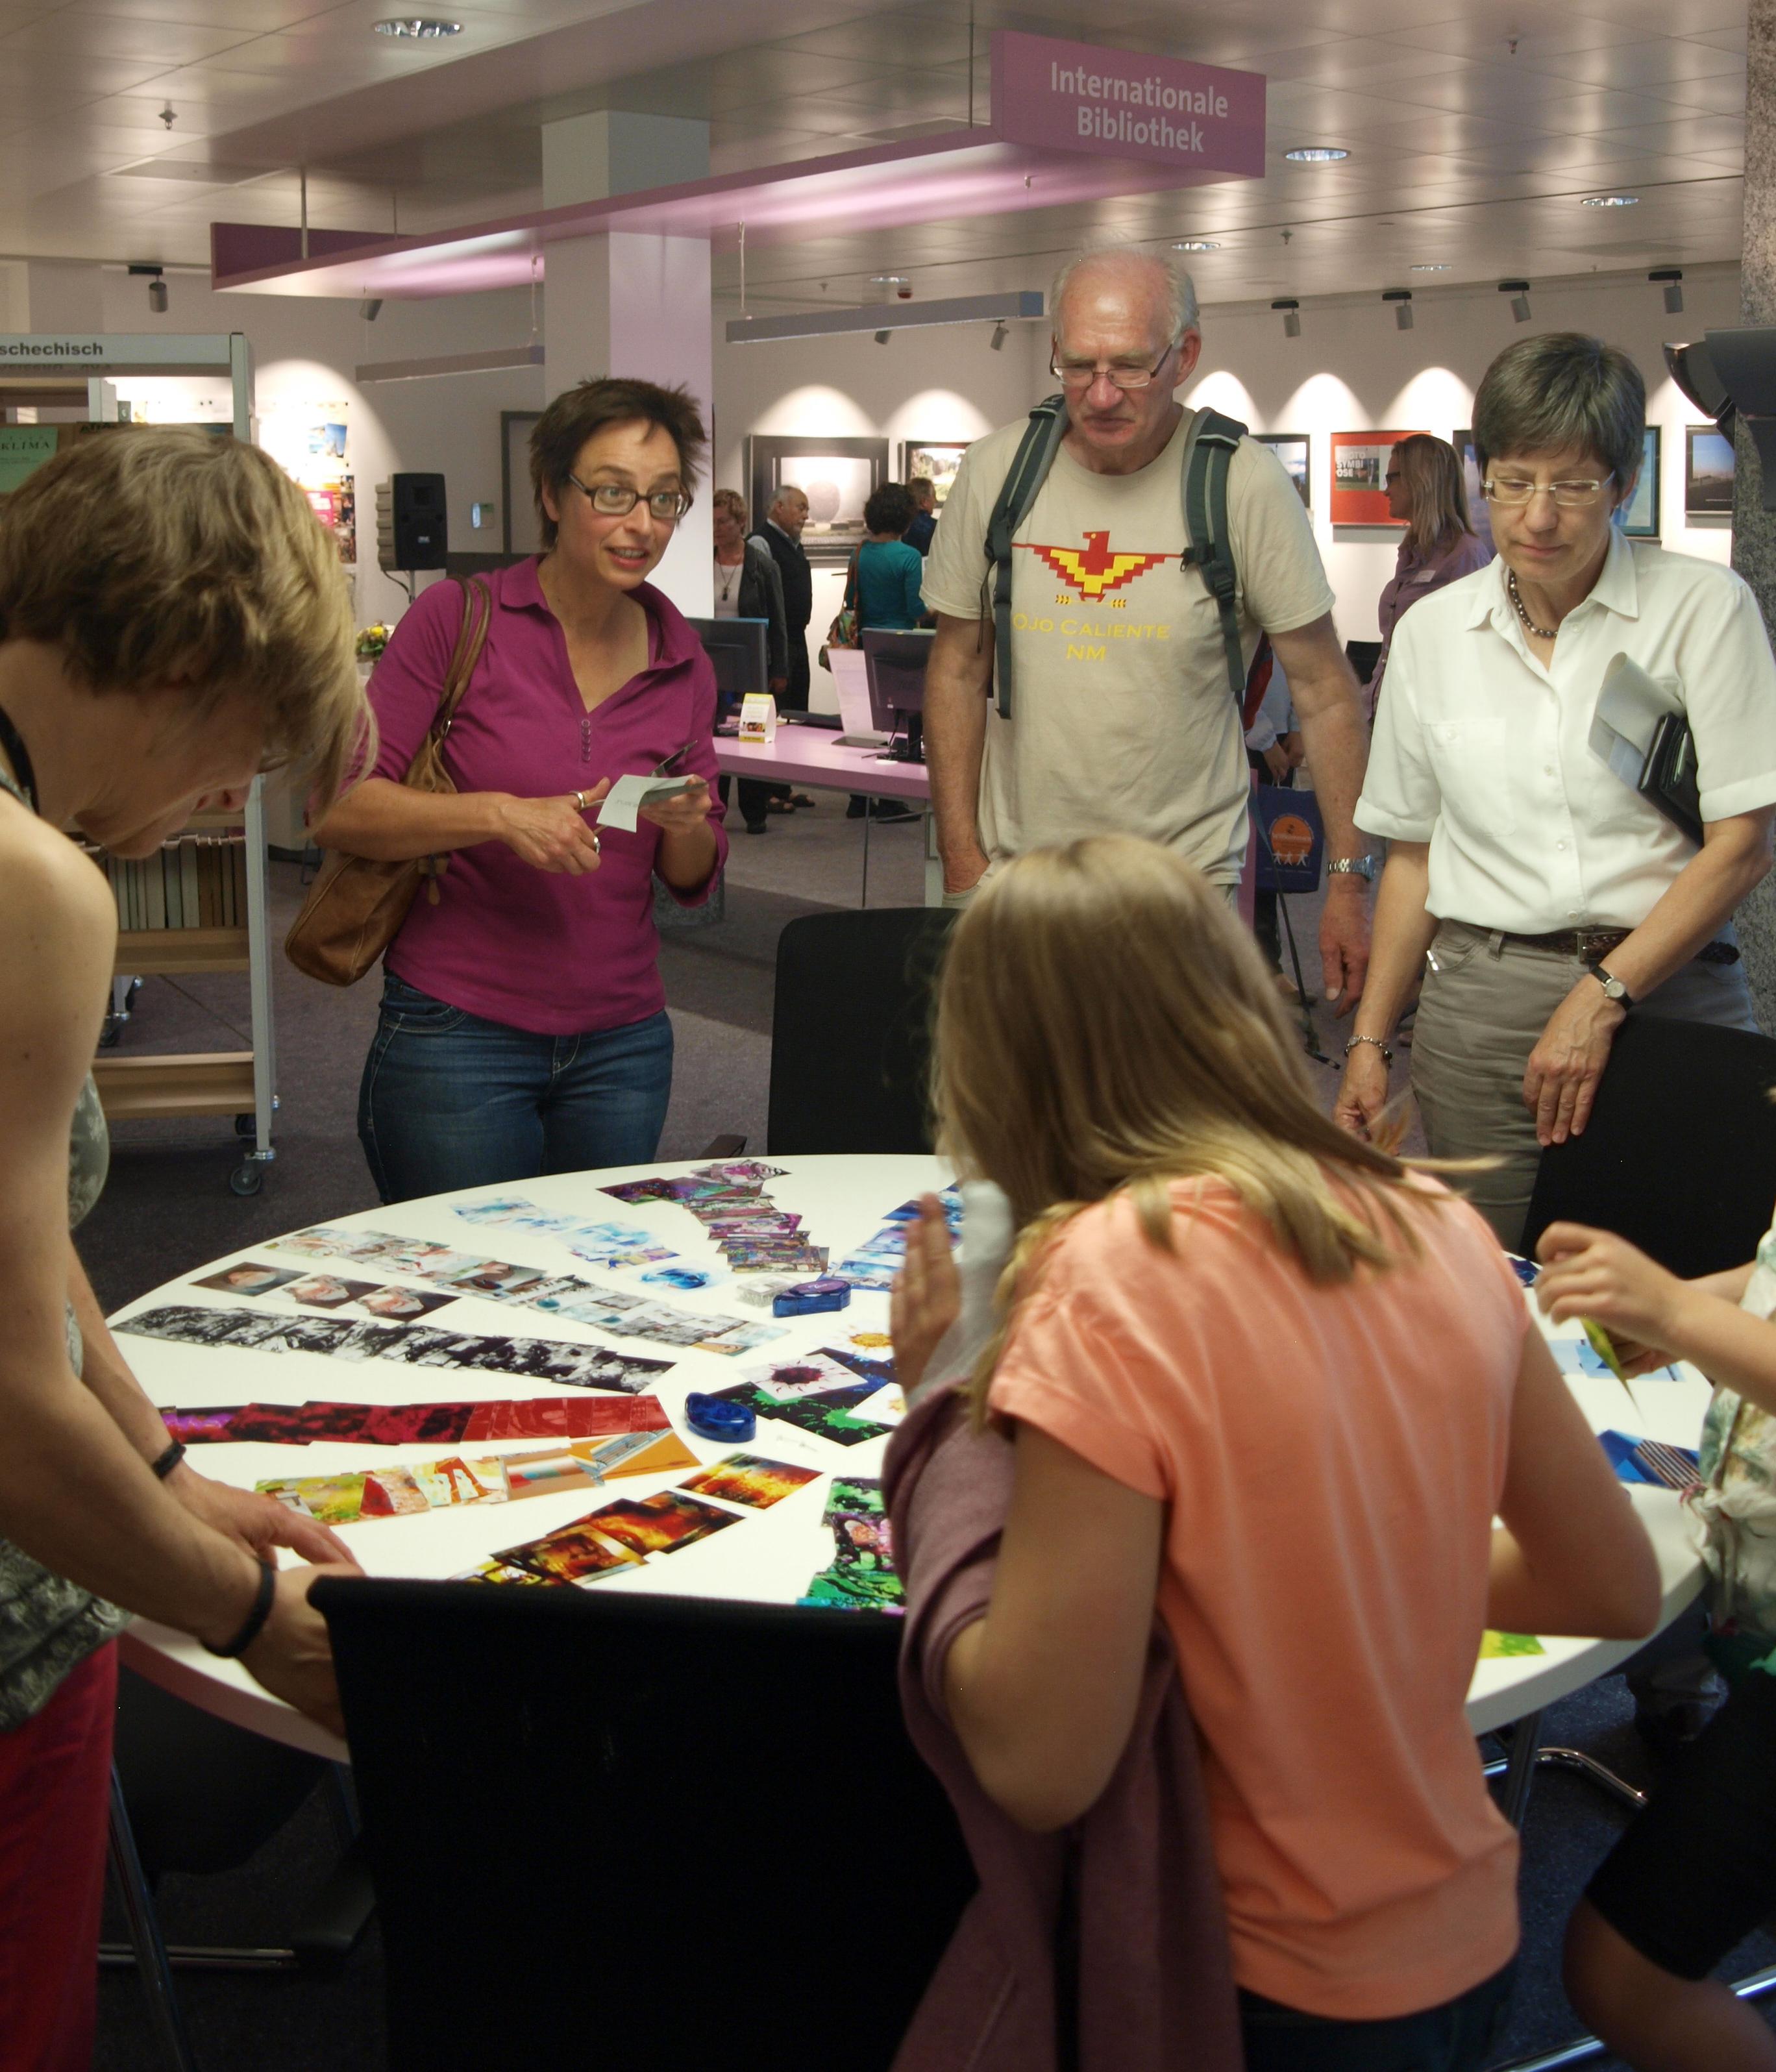 Die Besucher schufen mittels Bildschnipseln ein weiteres energy-in-art Kunstwerk.